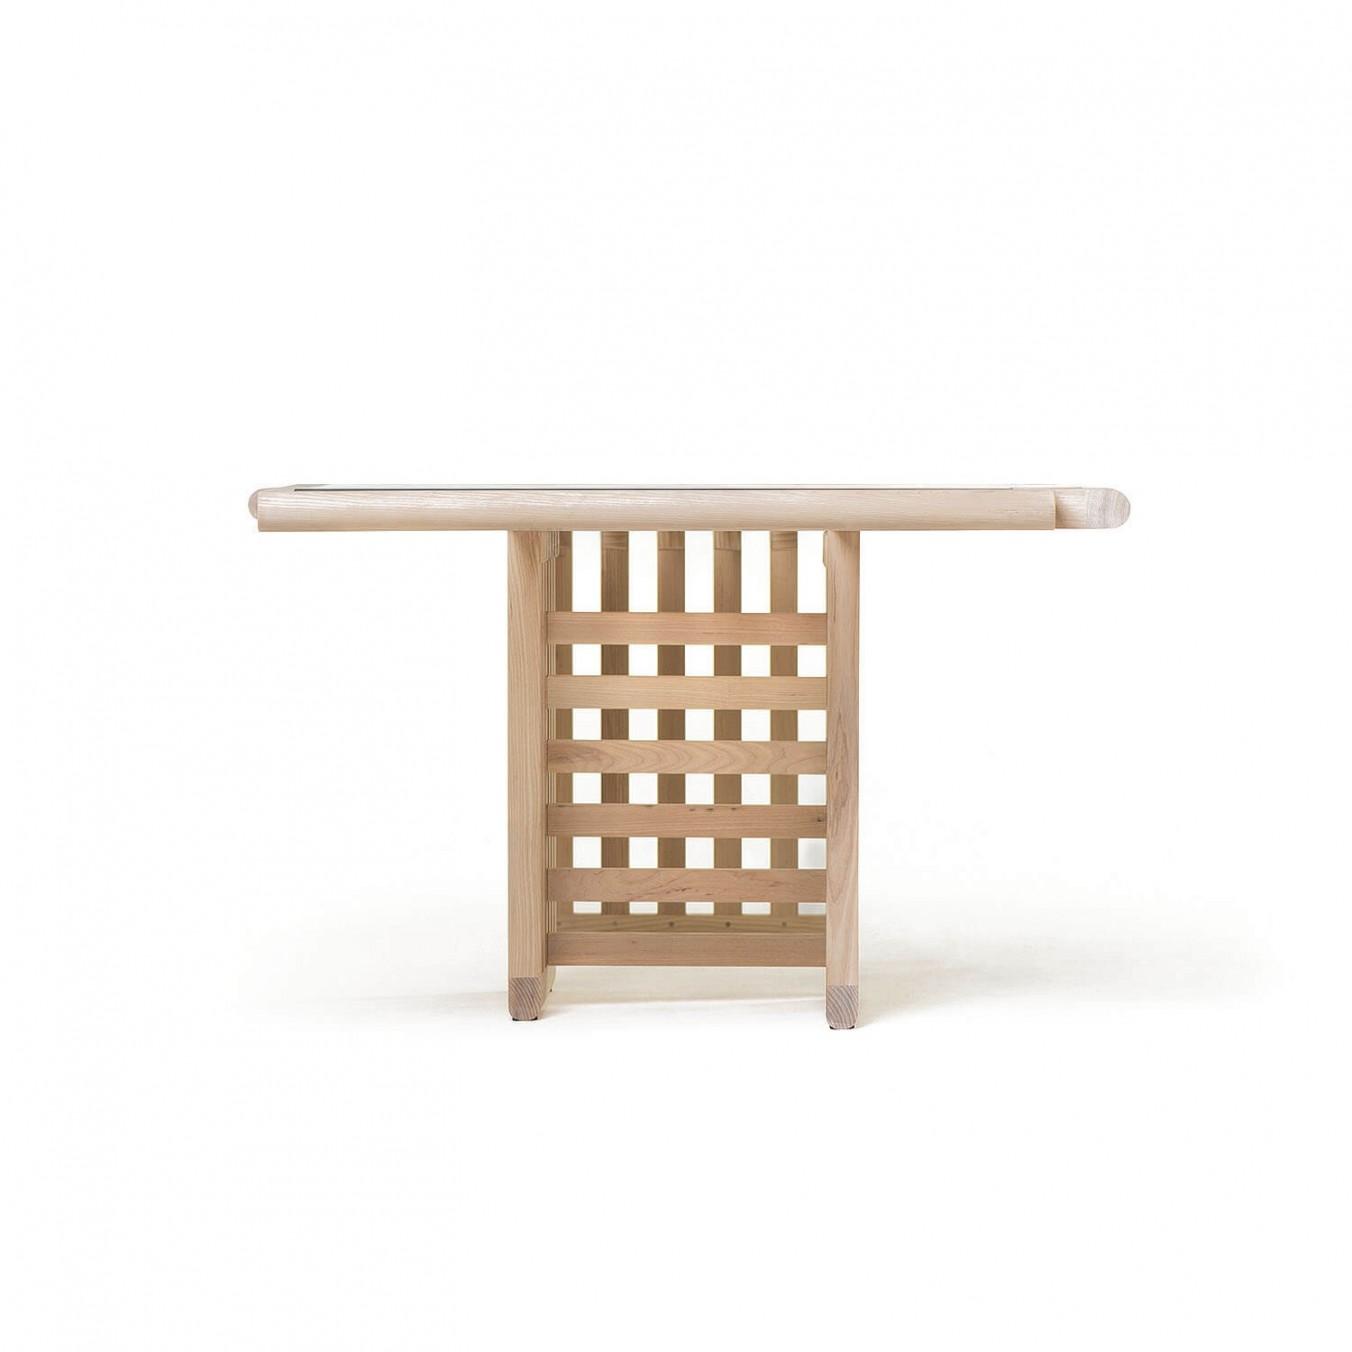 MAZE TABLE